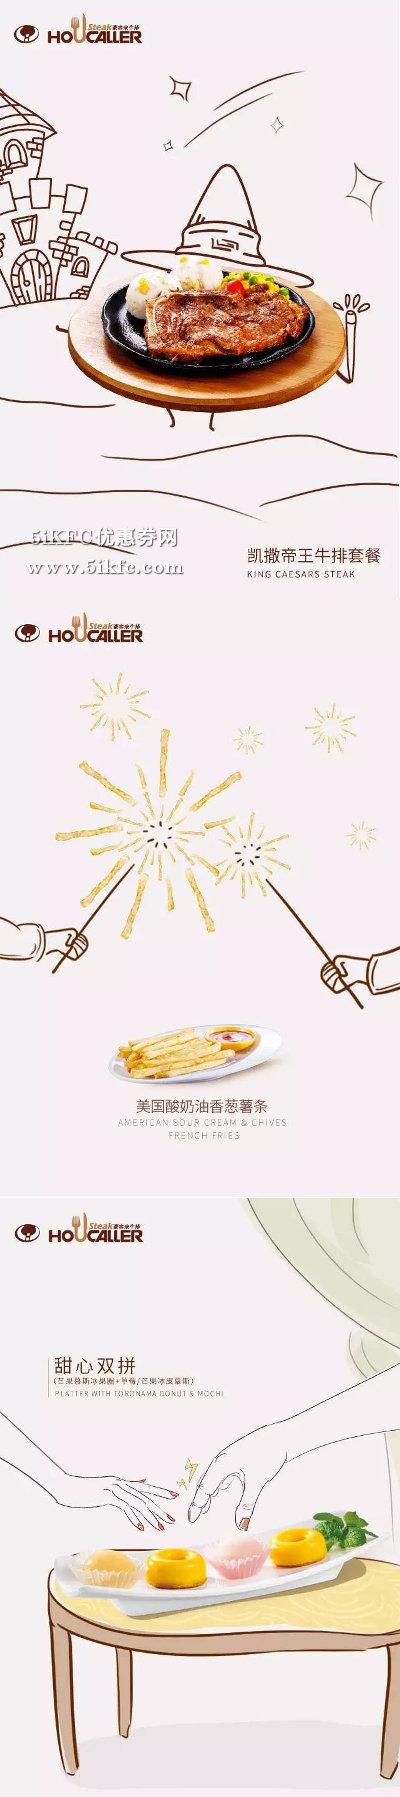 豪客来跨年Style,凯撒帝王牛排套餐、美国酸奶油香葱薯条、甜心双拼 有效期至:2016年2月28日 www.5ikfc.com